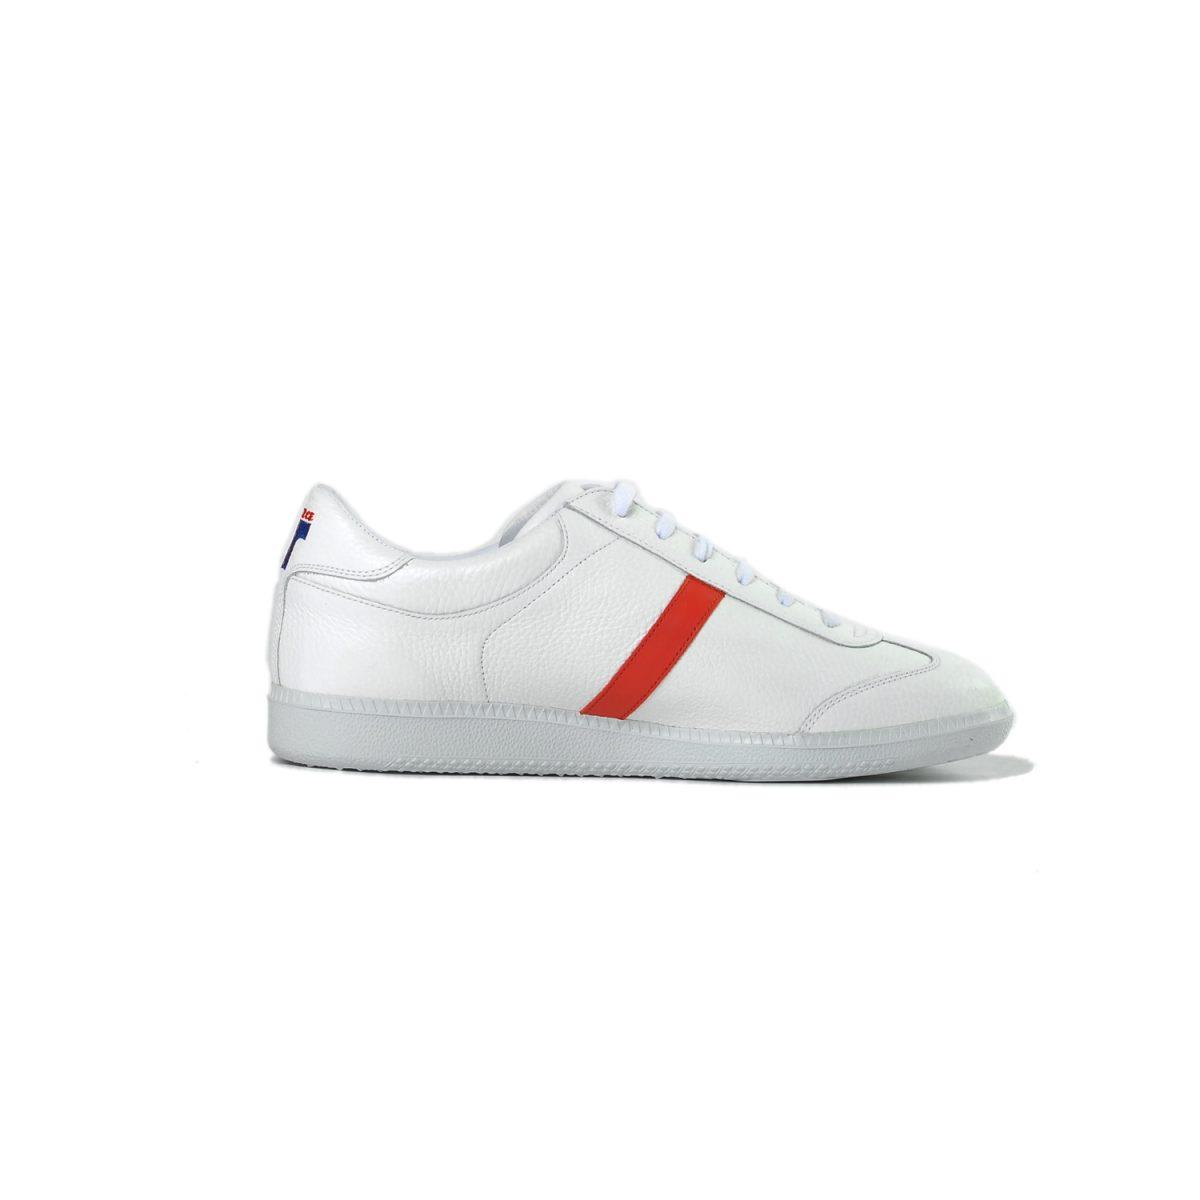 Tisza cipő - Compakt - Fehér-Klasszik